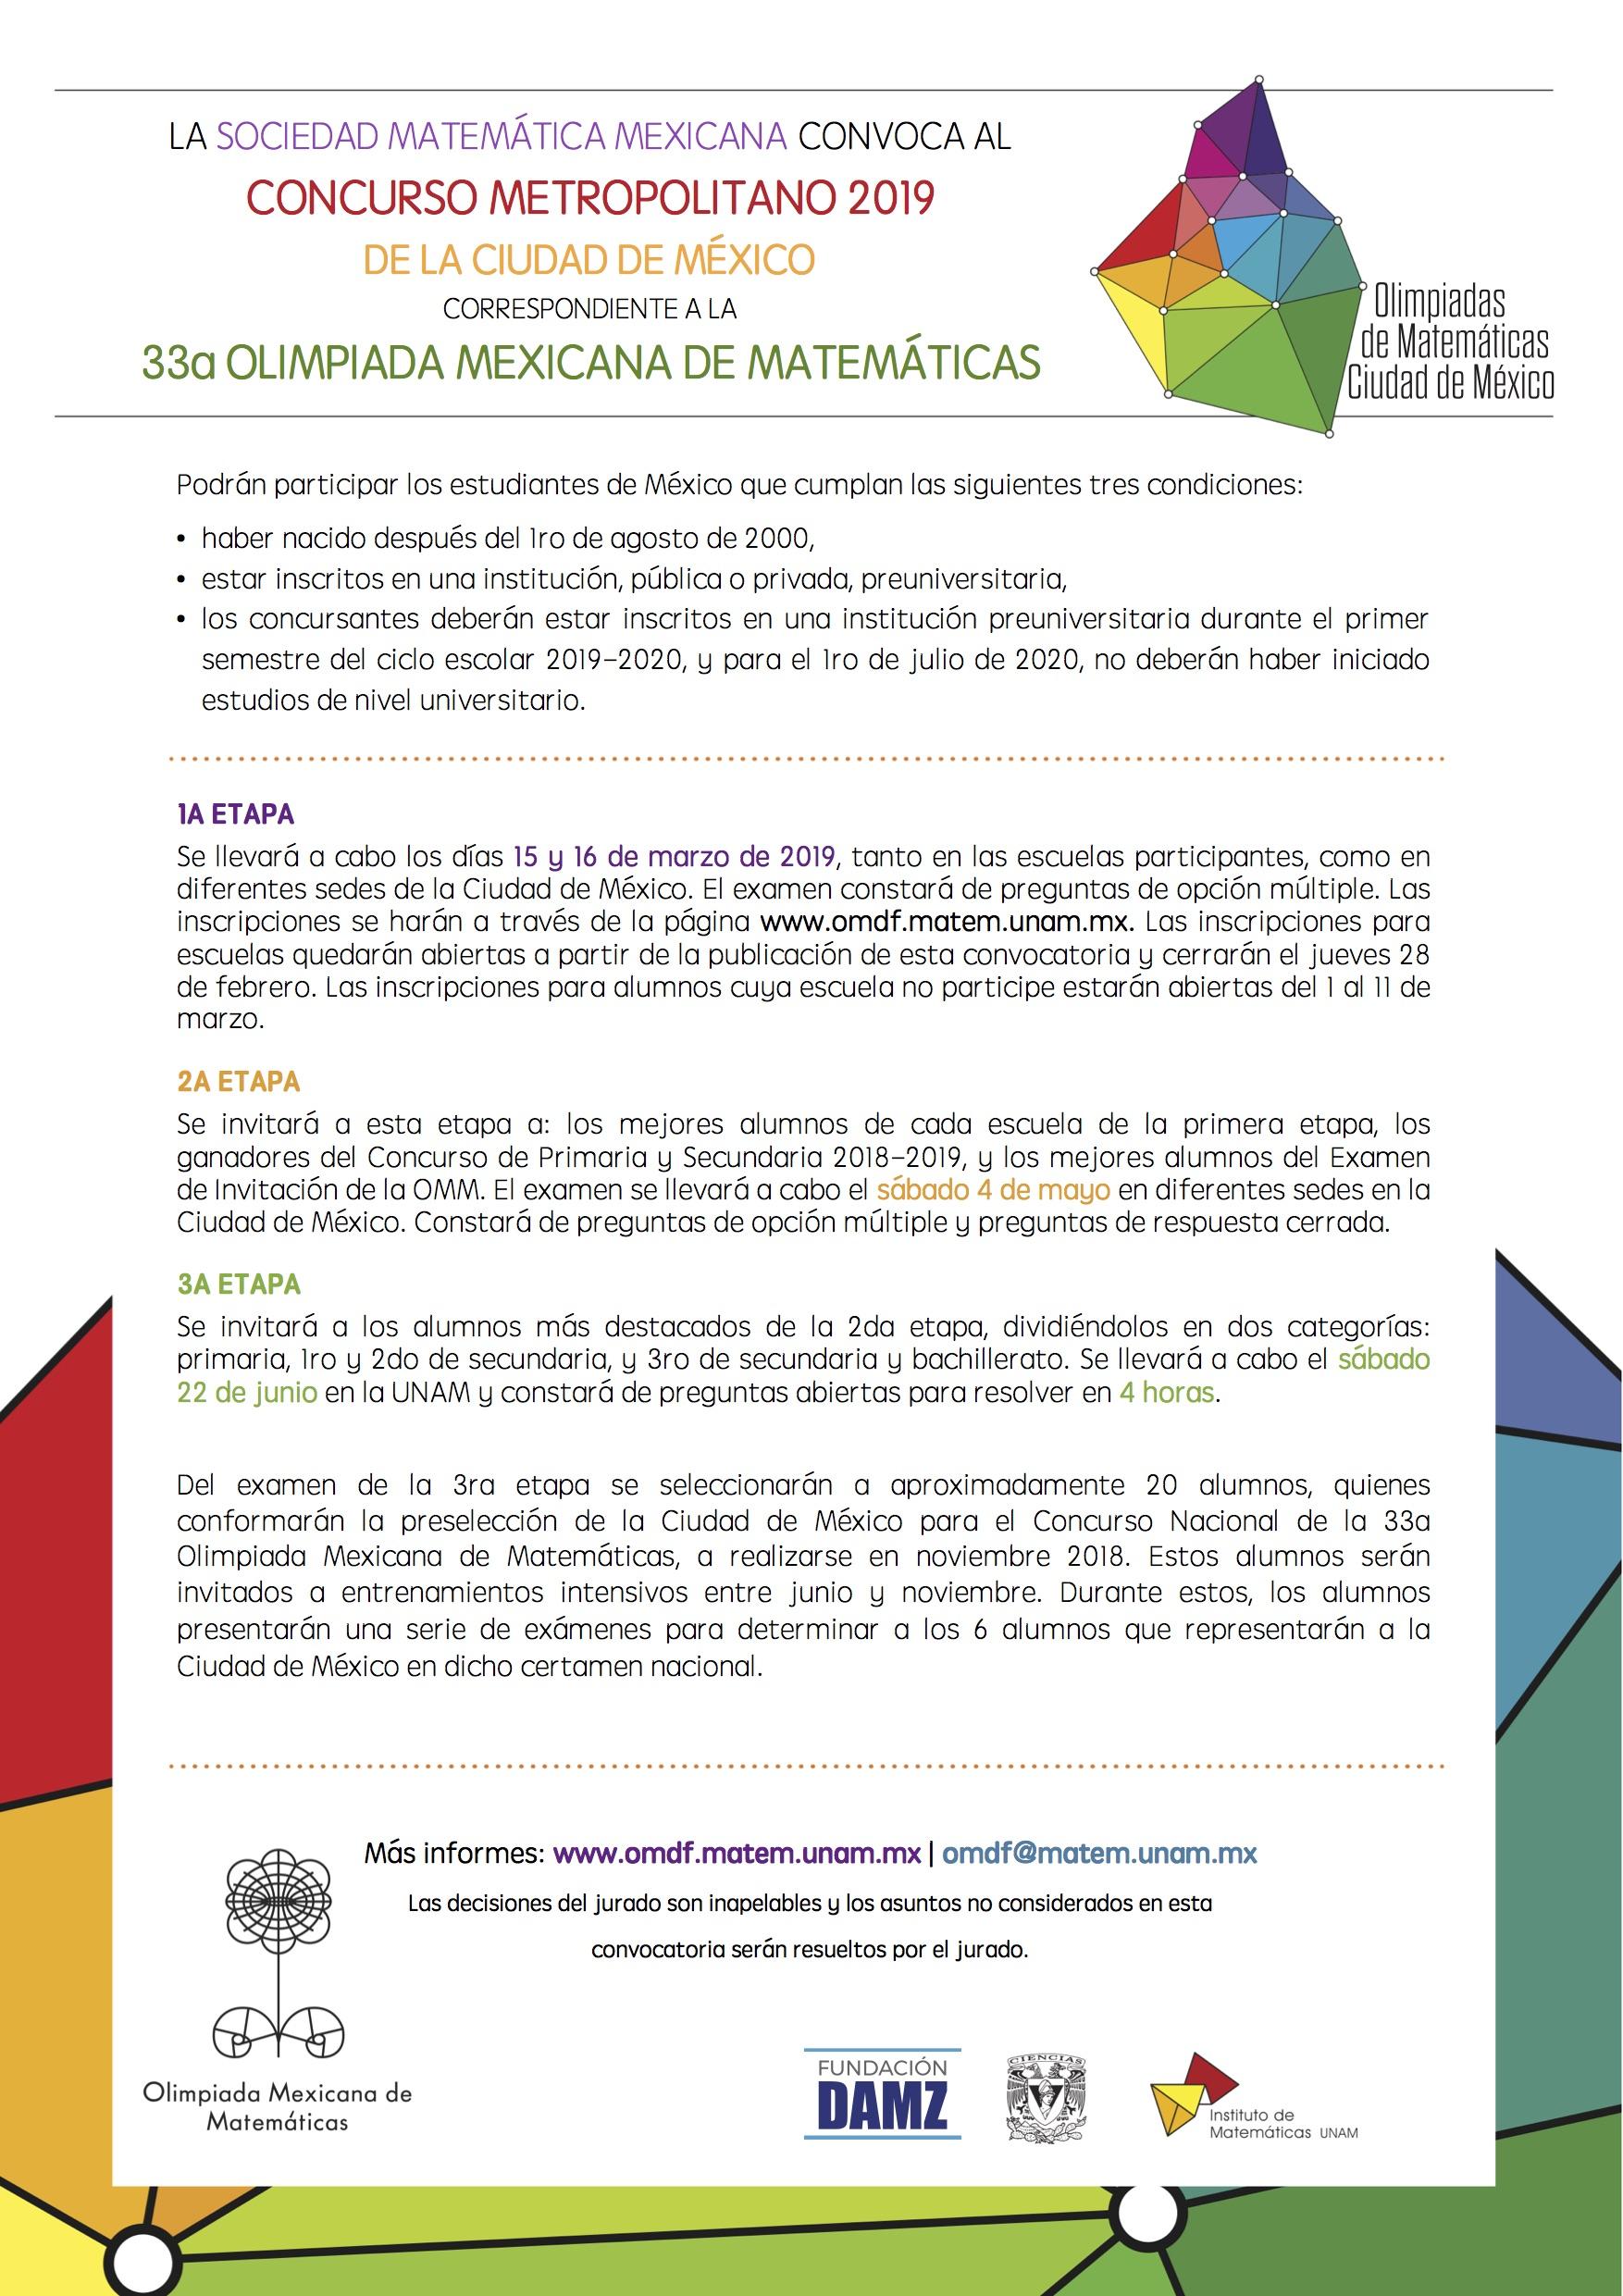 Convocatoria Concurso Metropolitano 2019